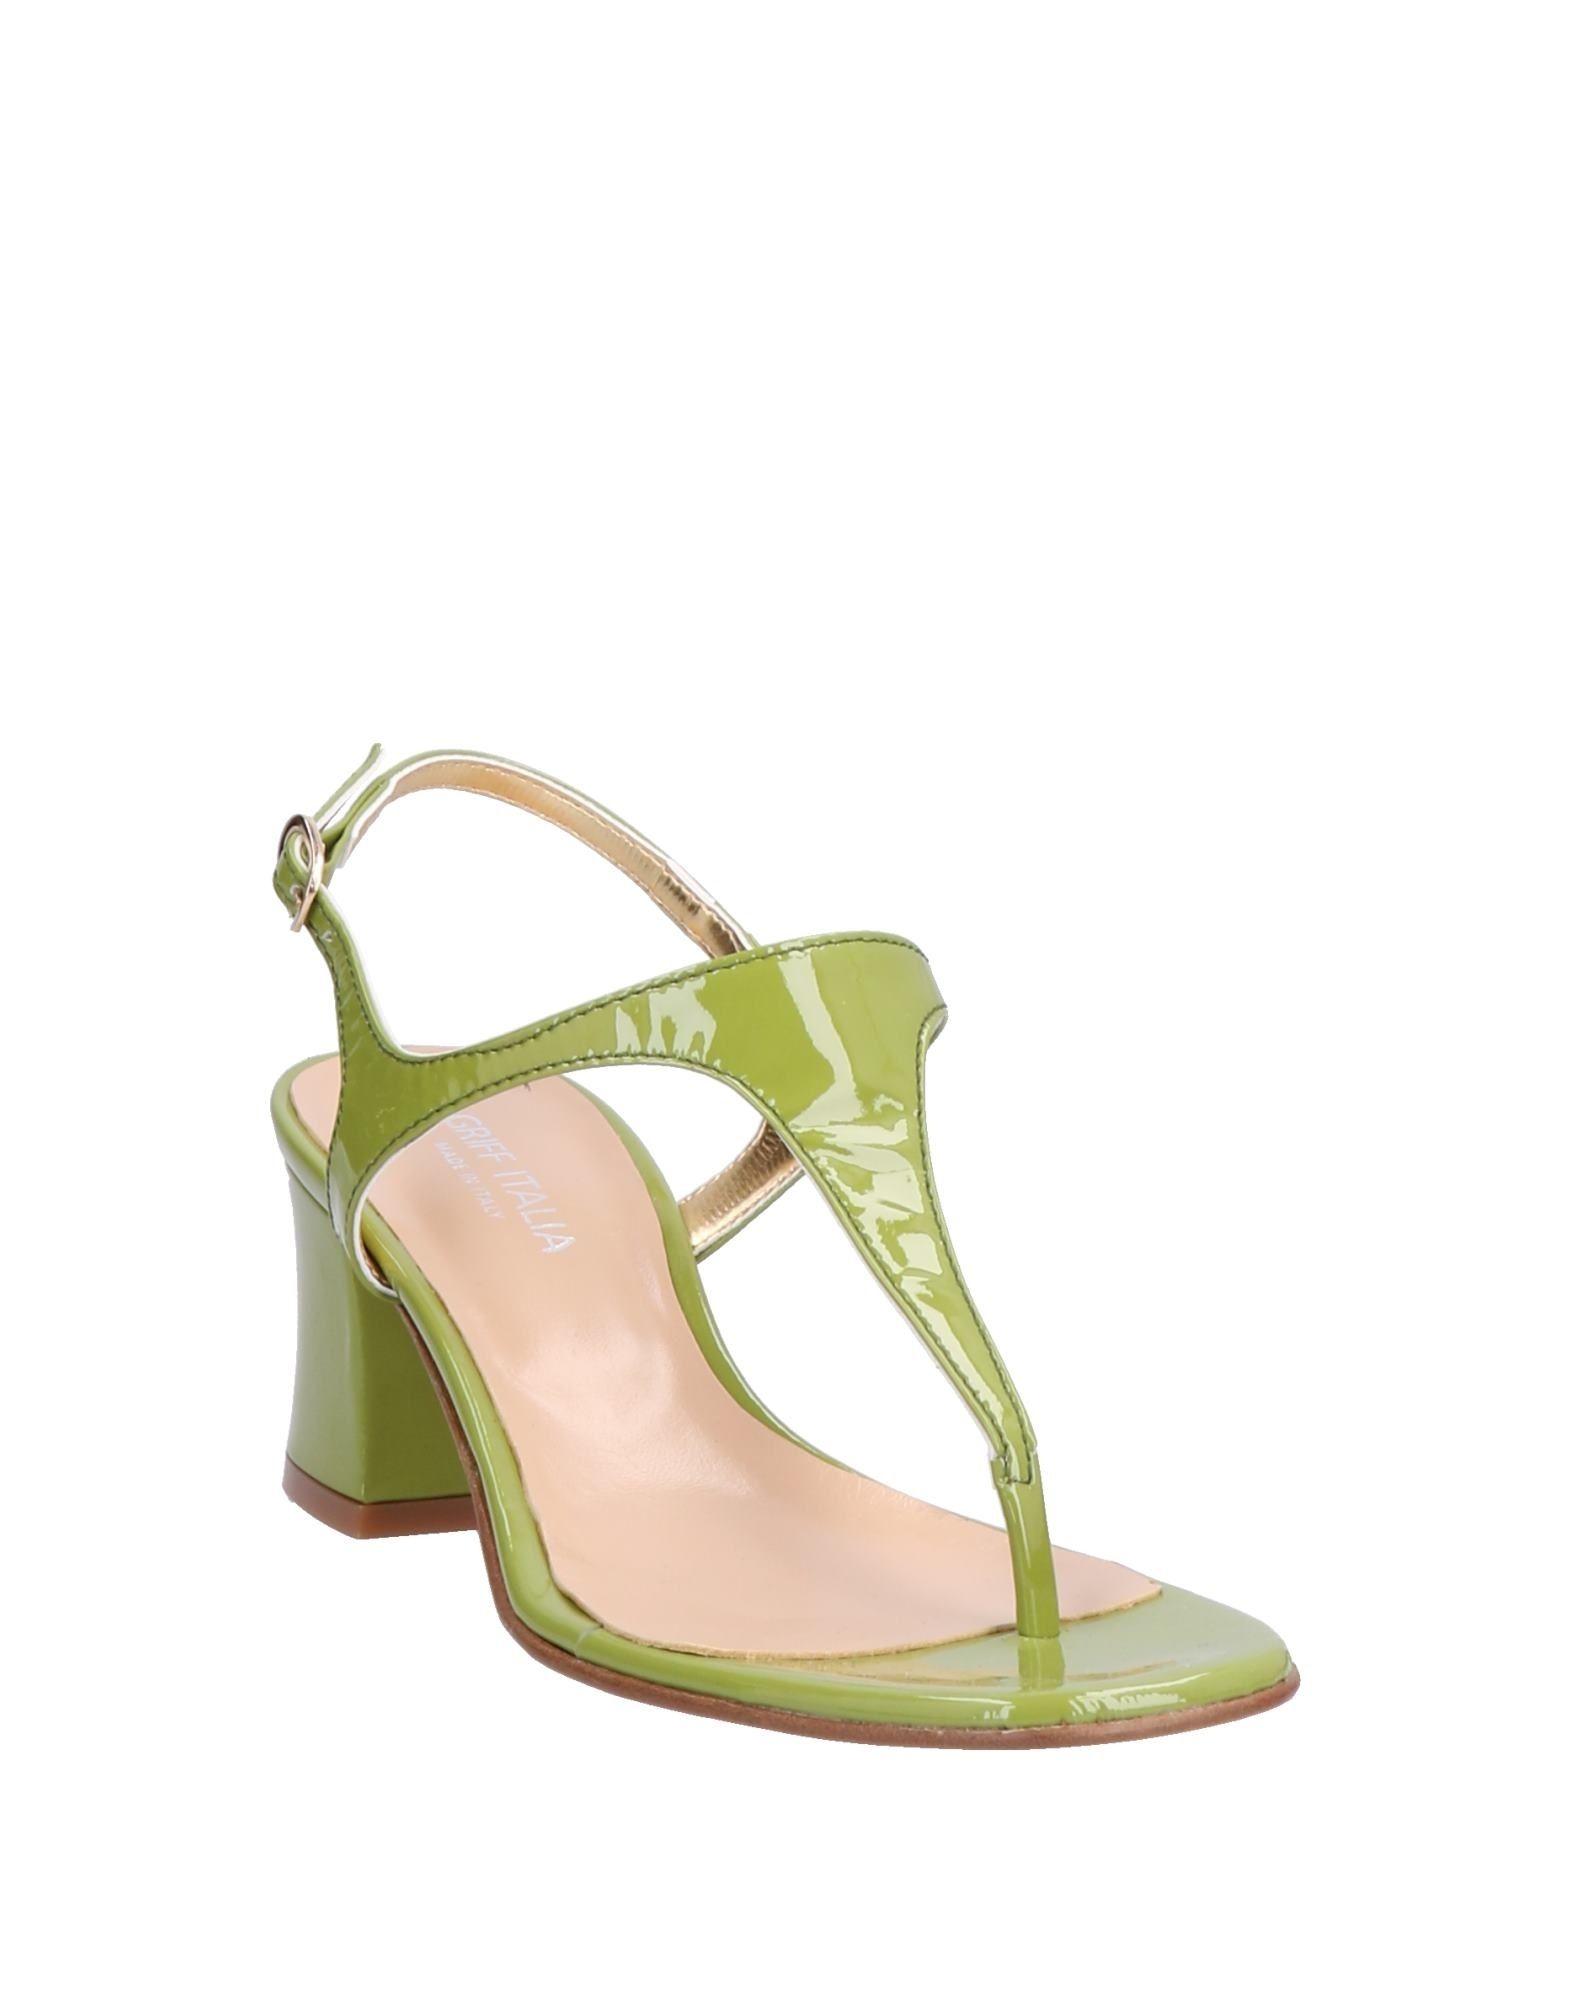 Griff Italia Sandalen Damen Gutes 5109 Preis-Leistungs-Verhältnis, es lohnt sich 5109 Gutes 5381d7